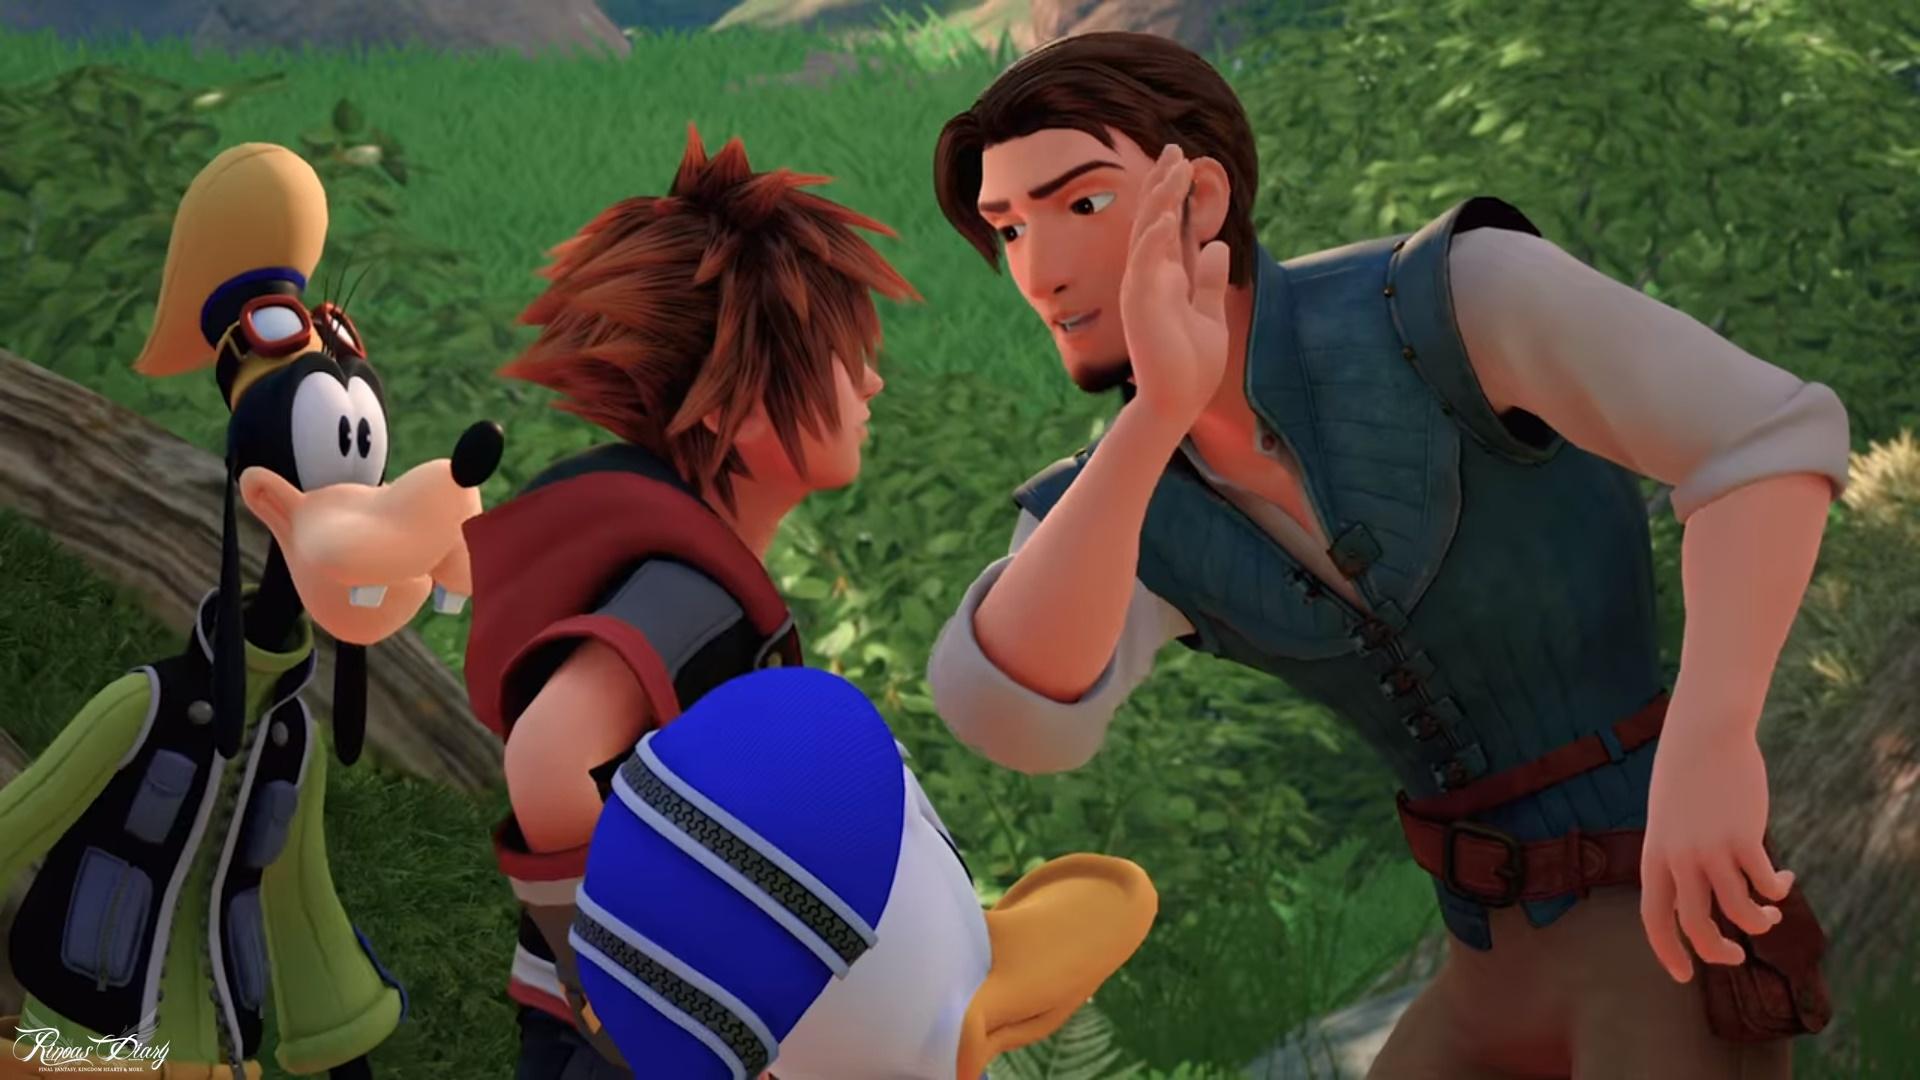 Hashimoto a Lucca presenta a sorpresa un nuovo un trailer di Kingdom Hearts III!